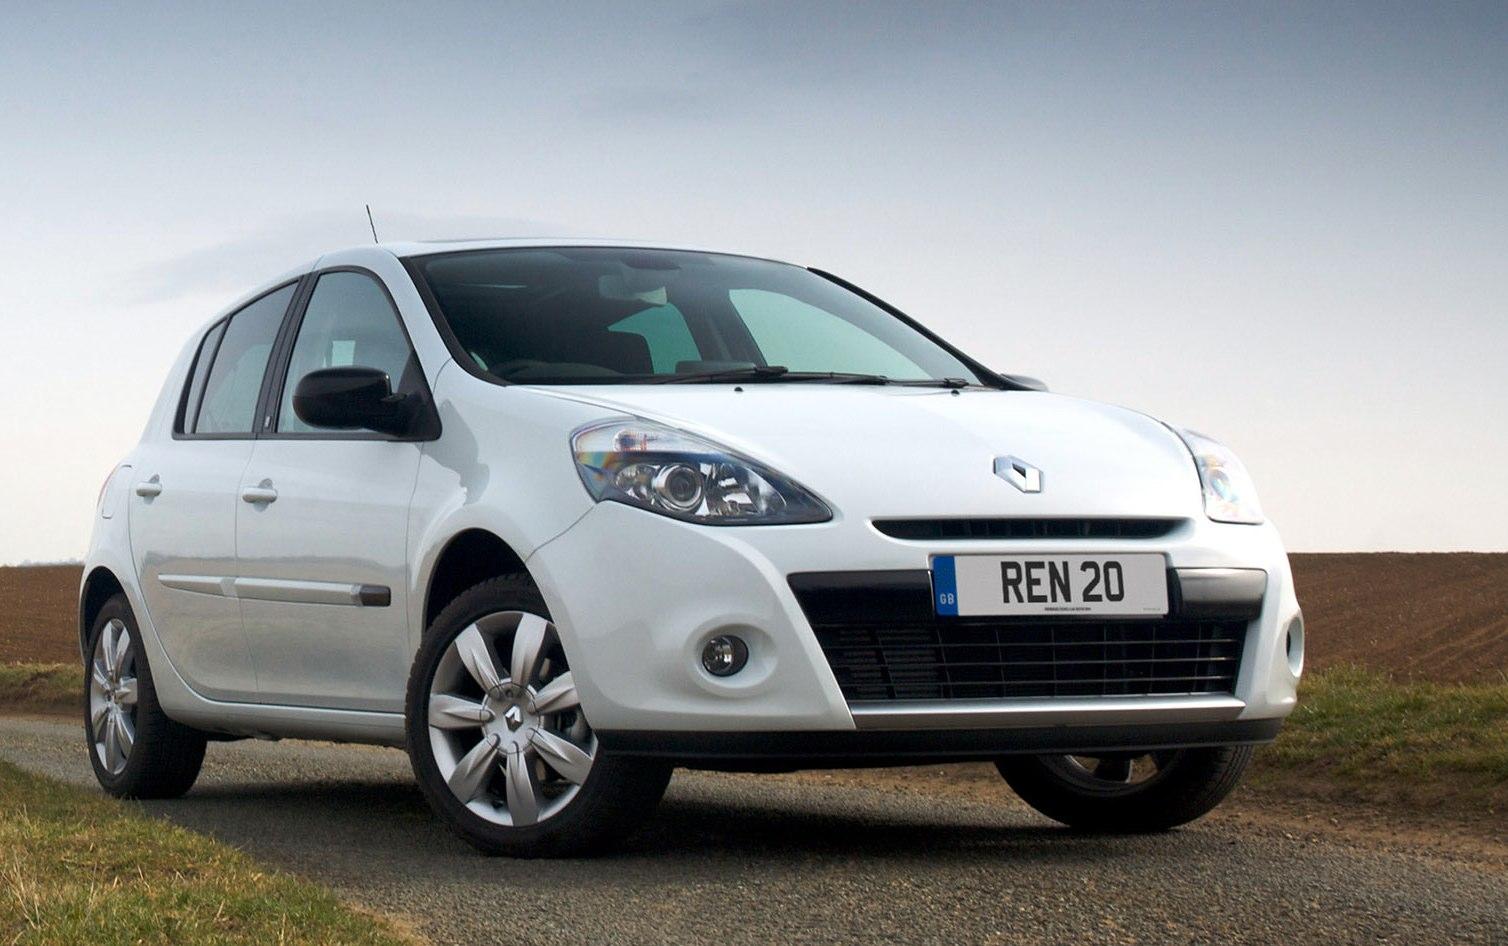 Prova Renault Clio 1.2 16V Dynamique 5p GPL - Nathan75